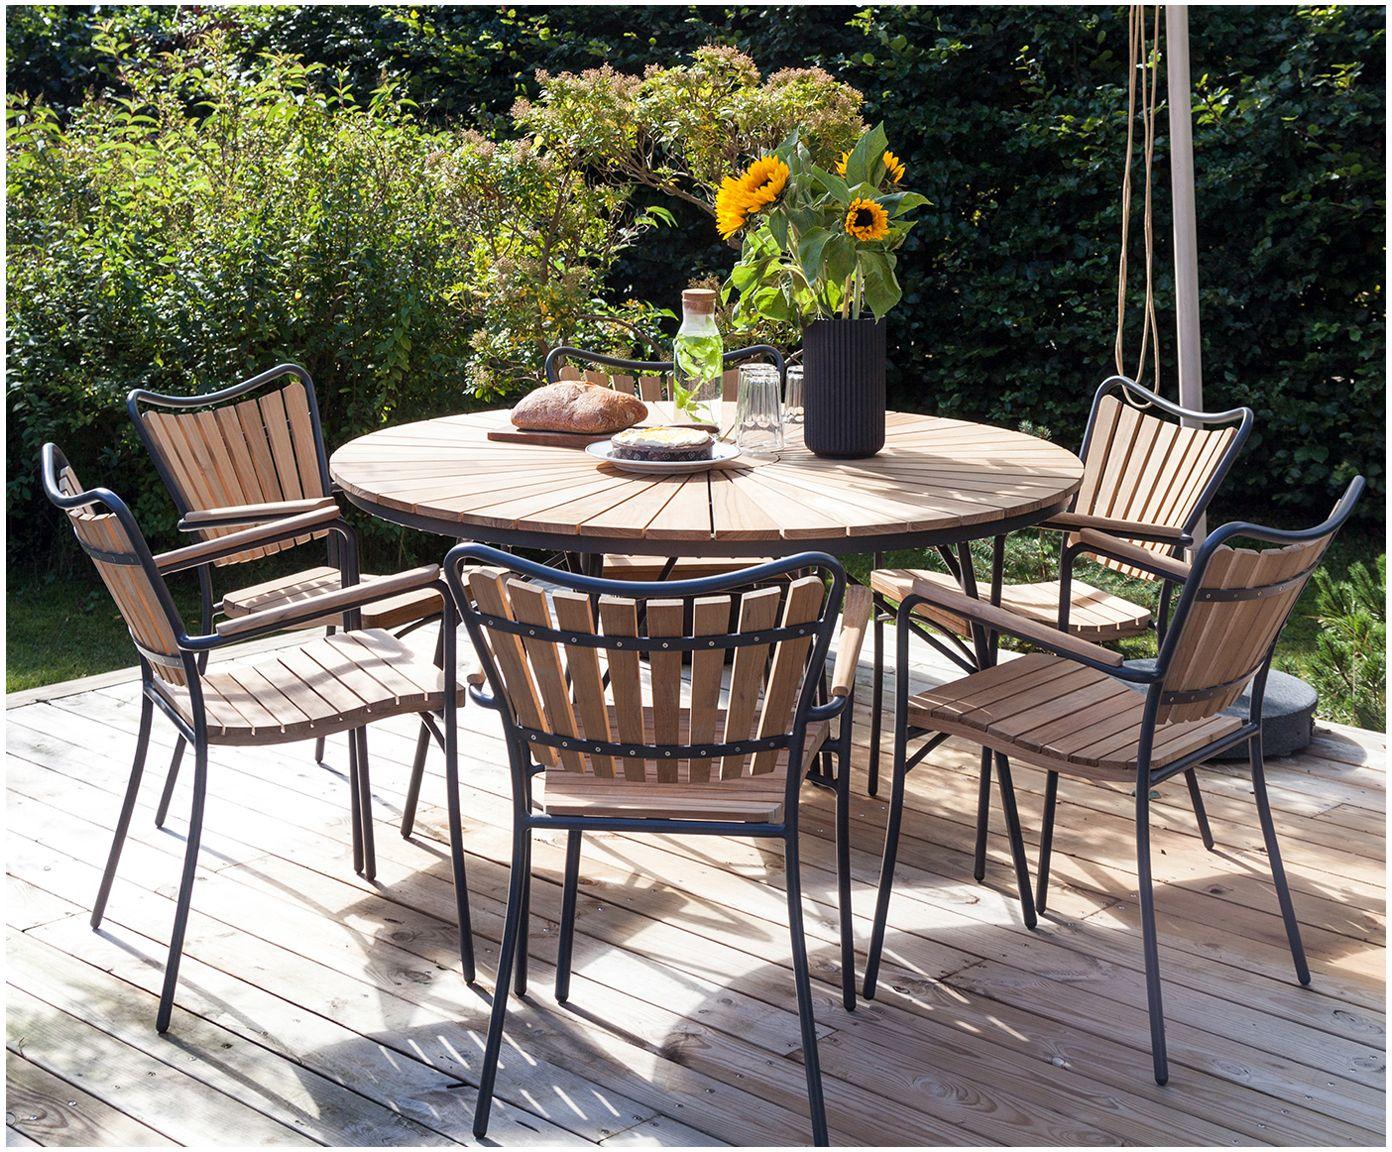 Gartenesstisch In Anthrazit Teak Cinas Westwingnow Gartentisch Gartentisch Holz Gartensitzplatz